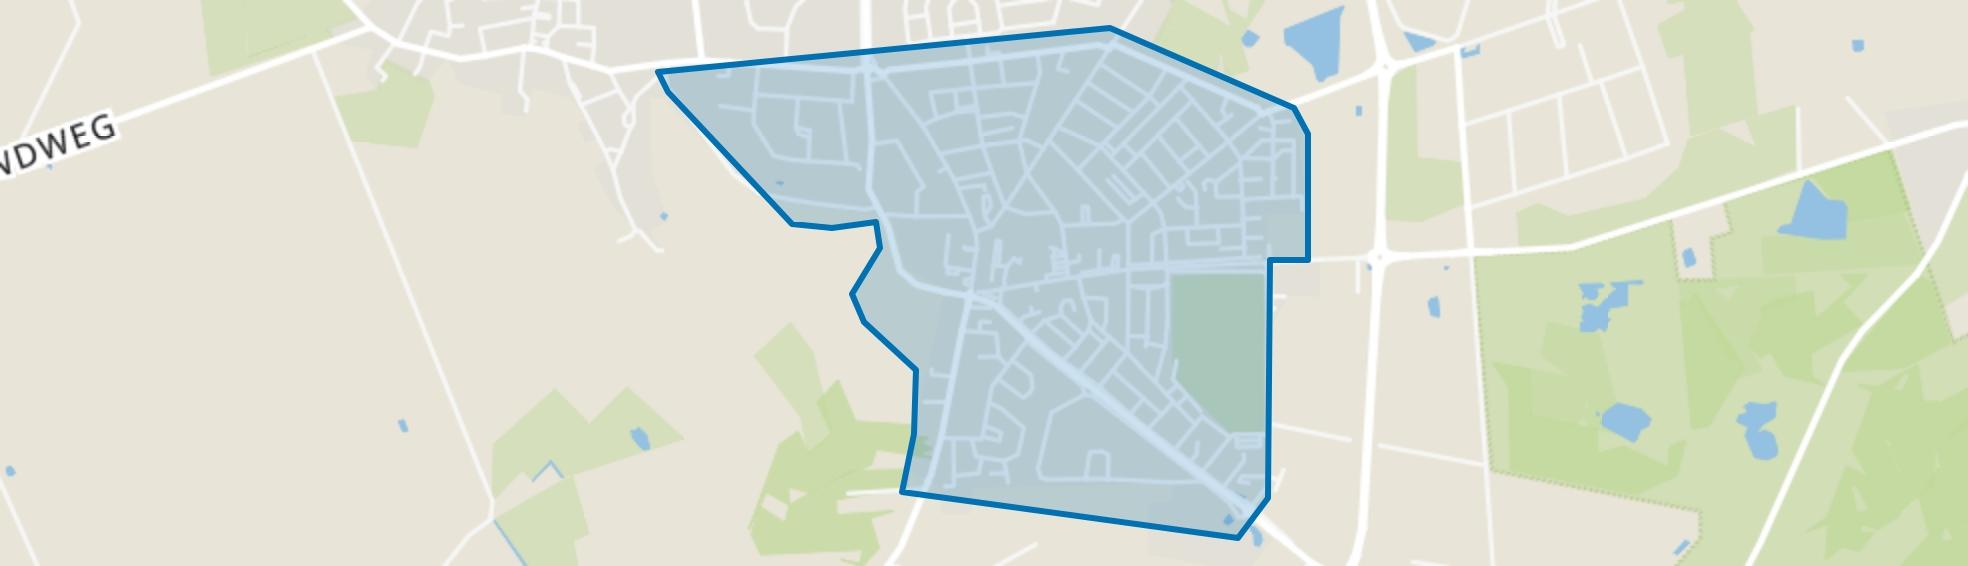 Hoogerheide, Hoogerheide map